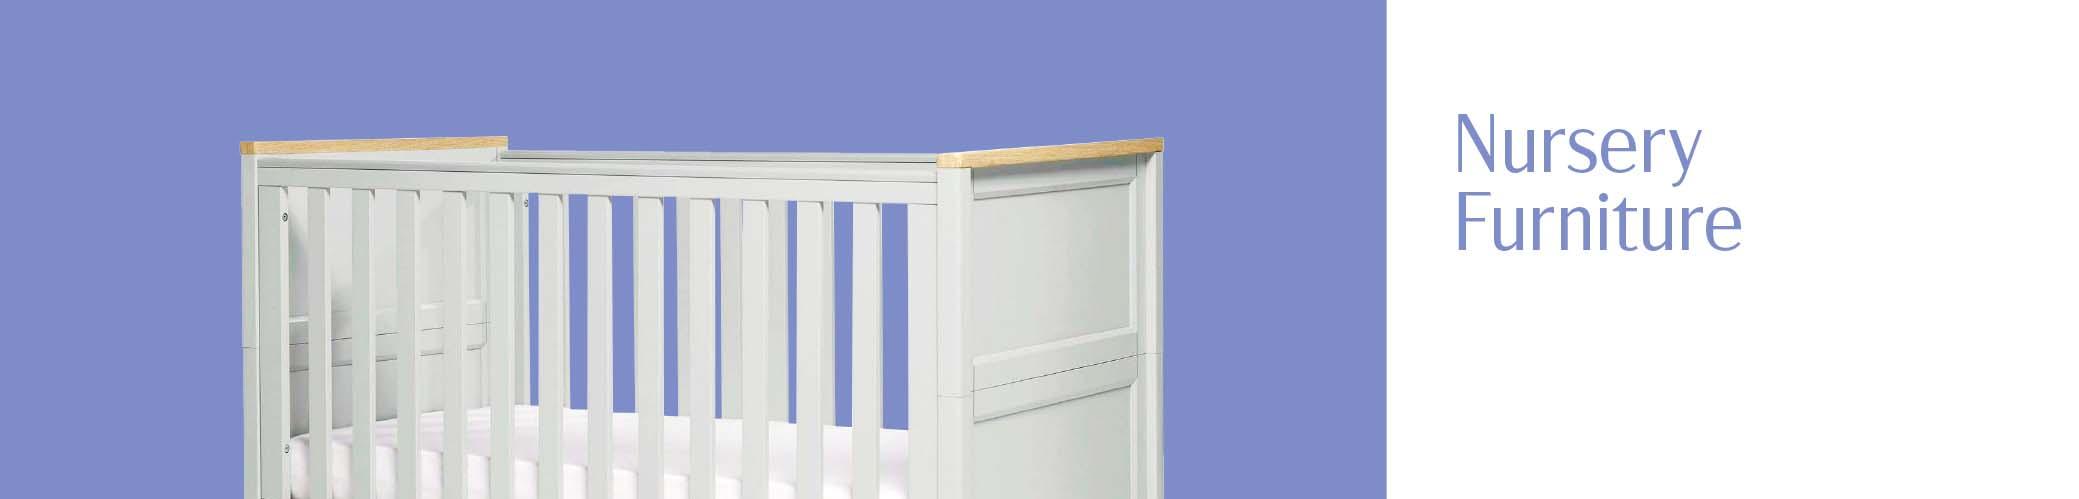 -45-nurseryfurniture-internalbanner-may21.jpg